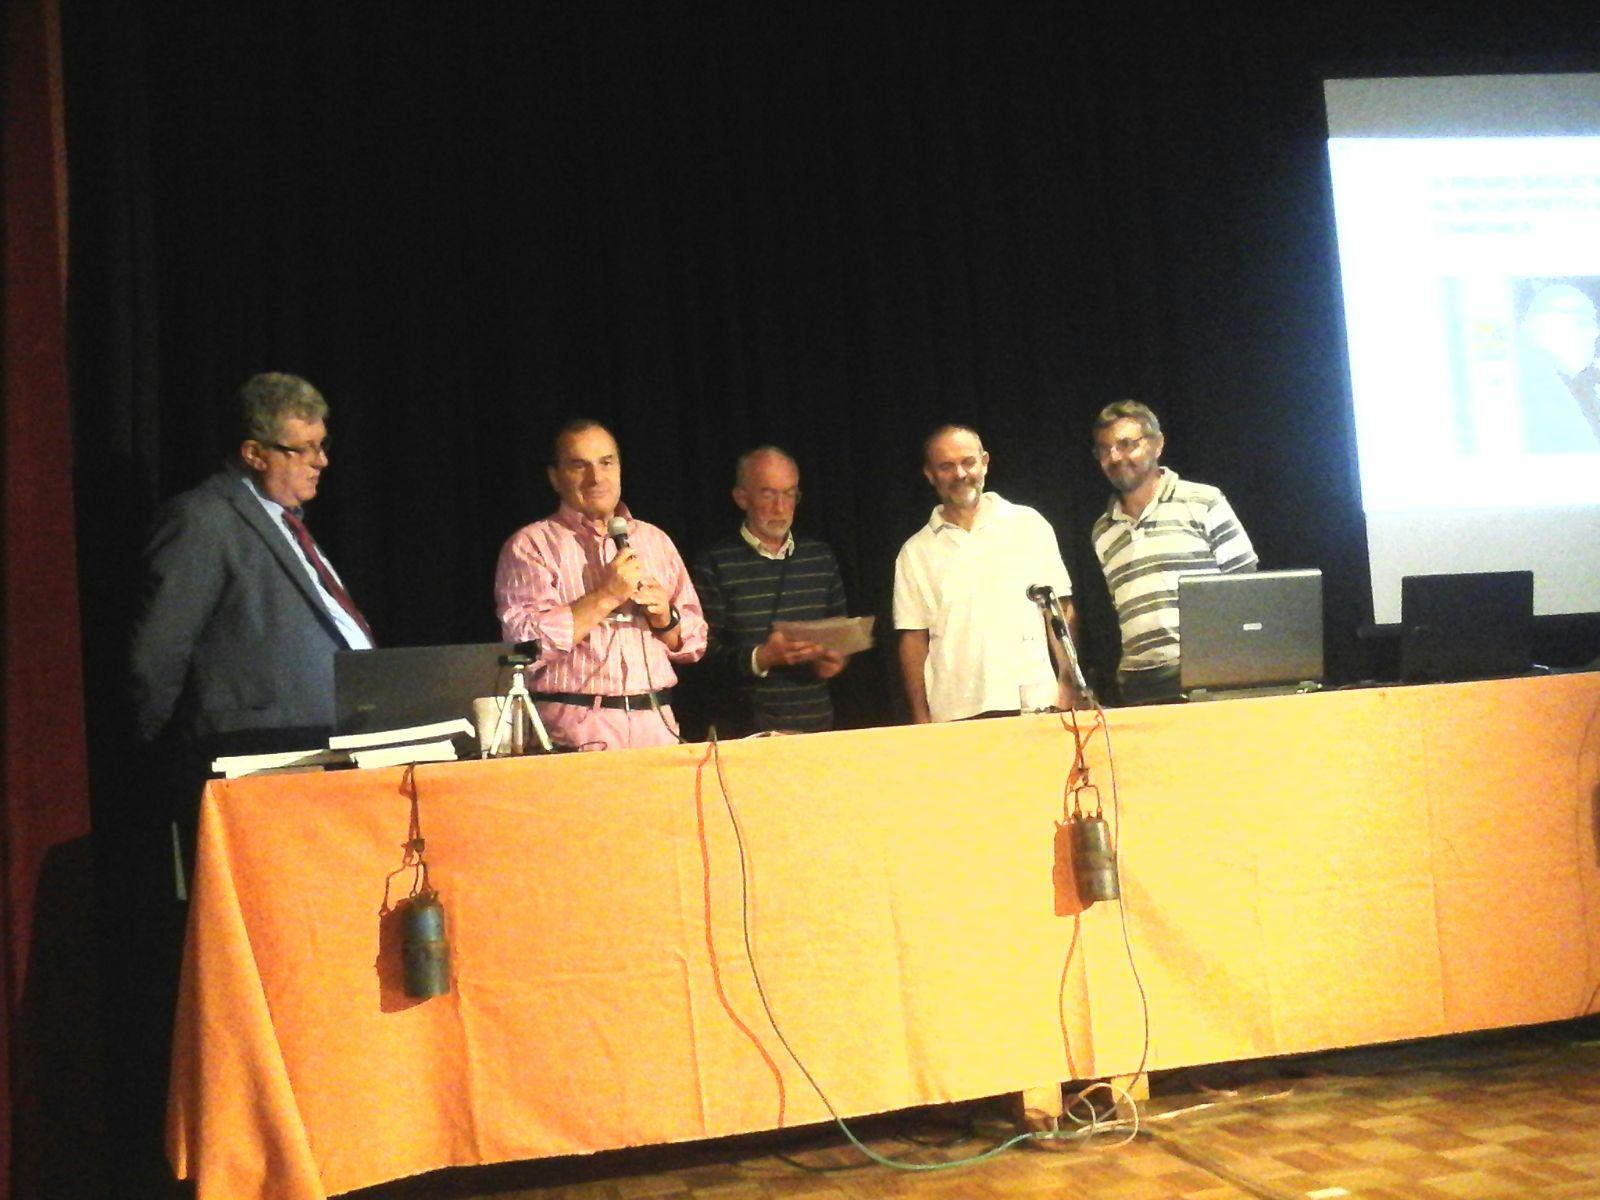 06_ITM 2016 Gorno_conferenze e premiazioni